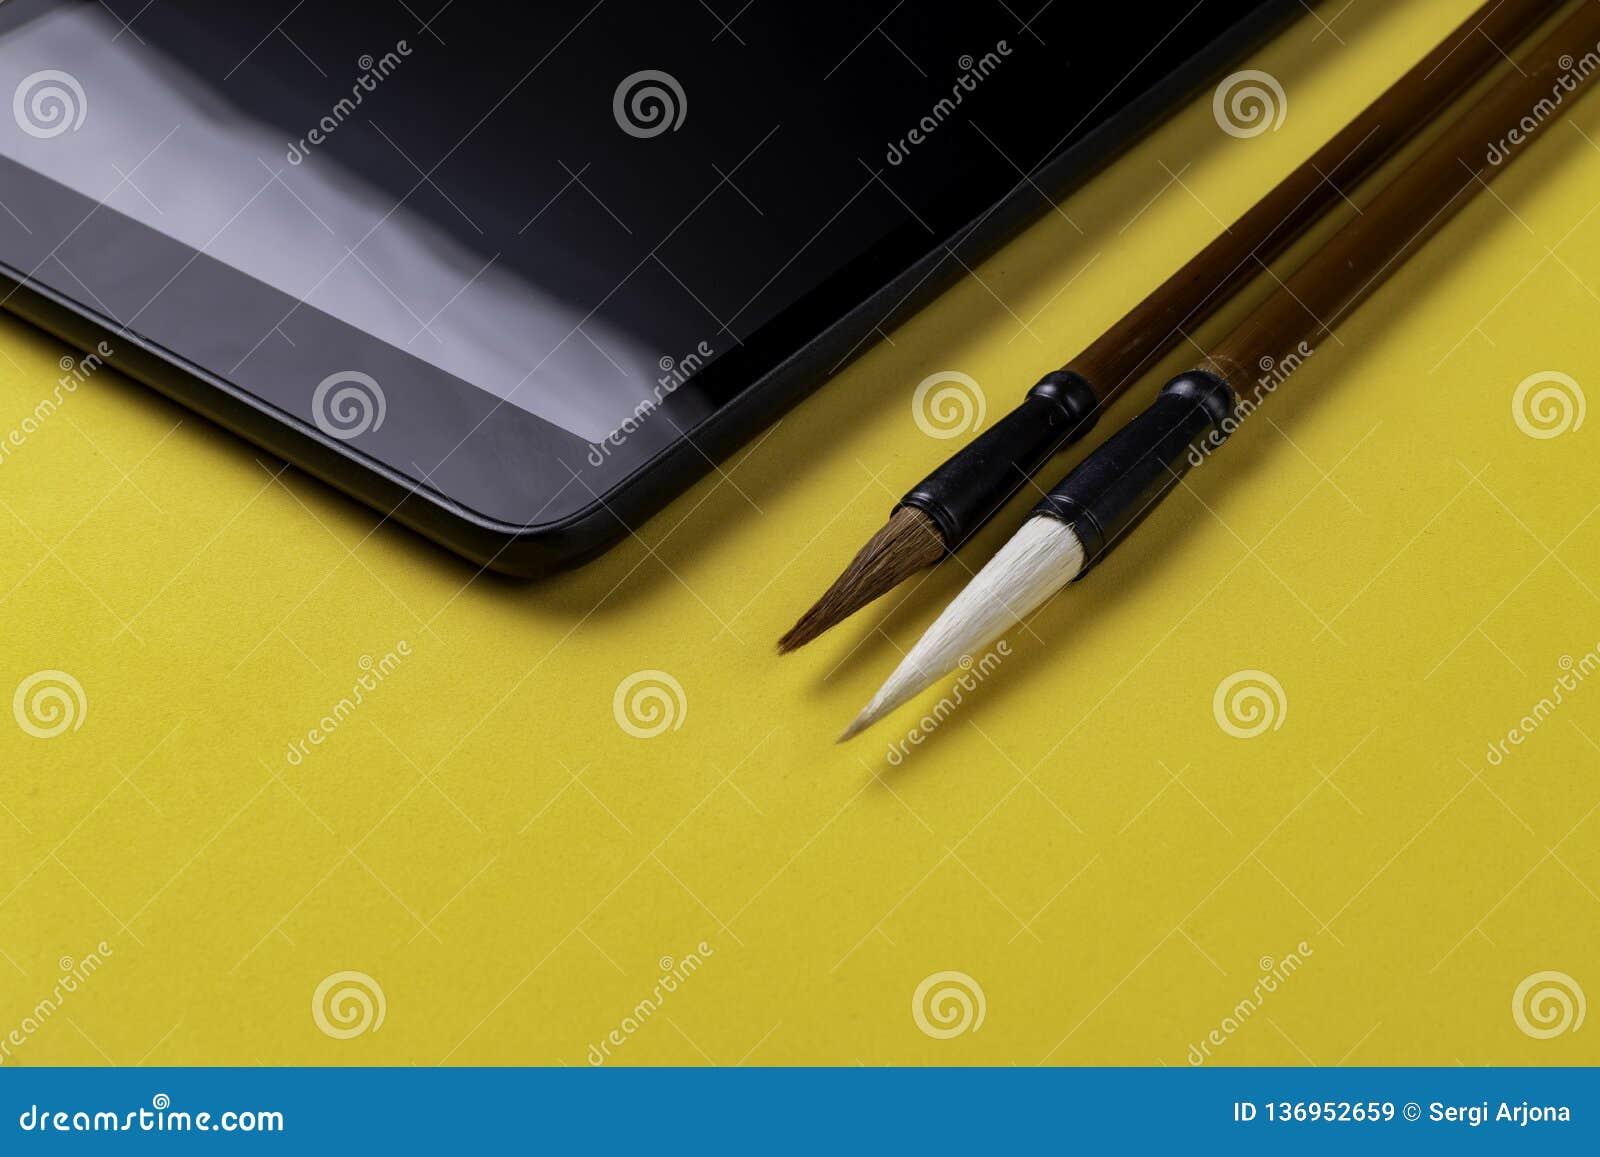 Tableta con dos brochas chinas Mao Pi